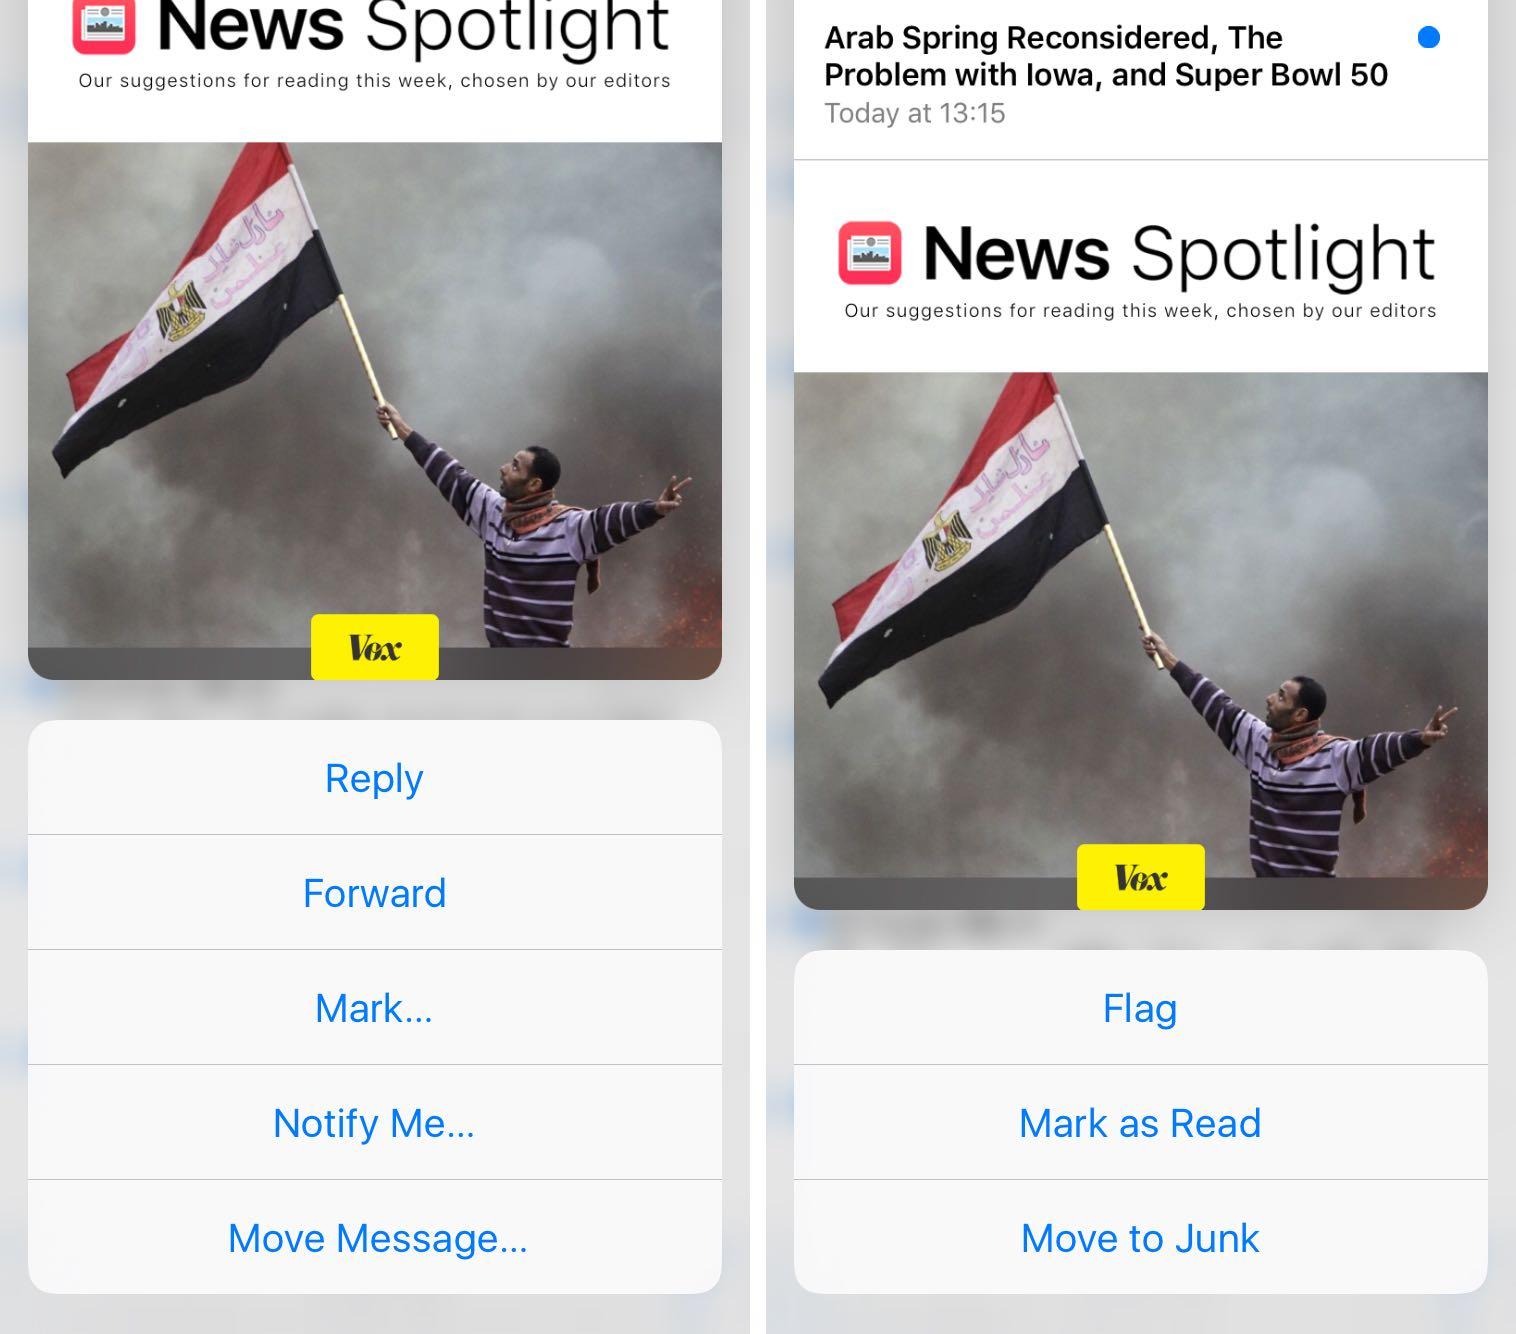 Las acciones de correo electrónico de iOS 9 Mail 3D Touch se marcan como captura de pantalla 005 del iPhone 6s